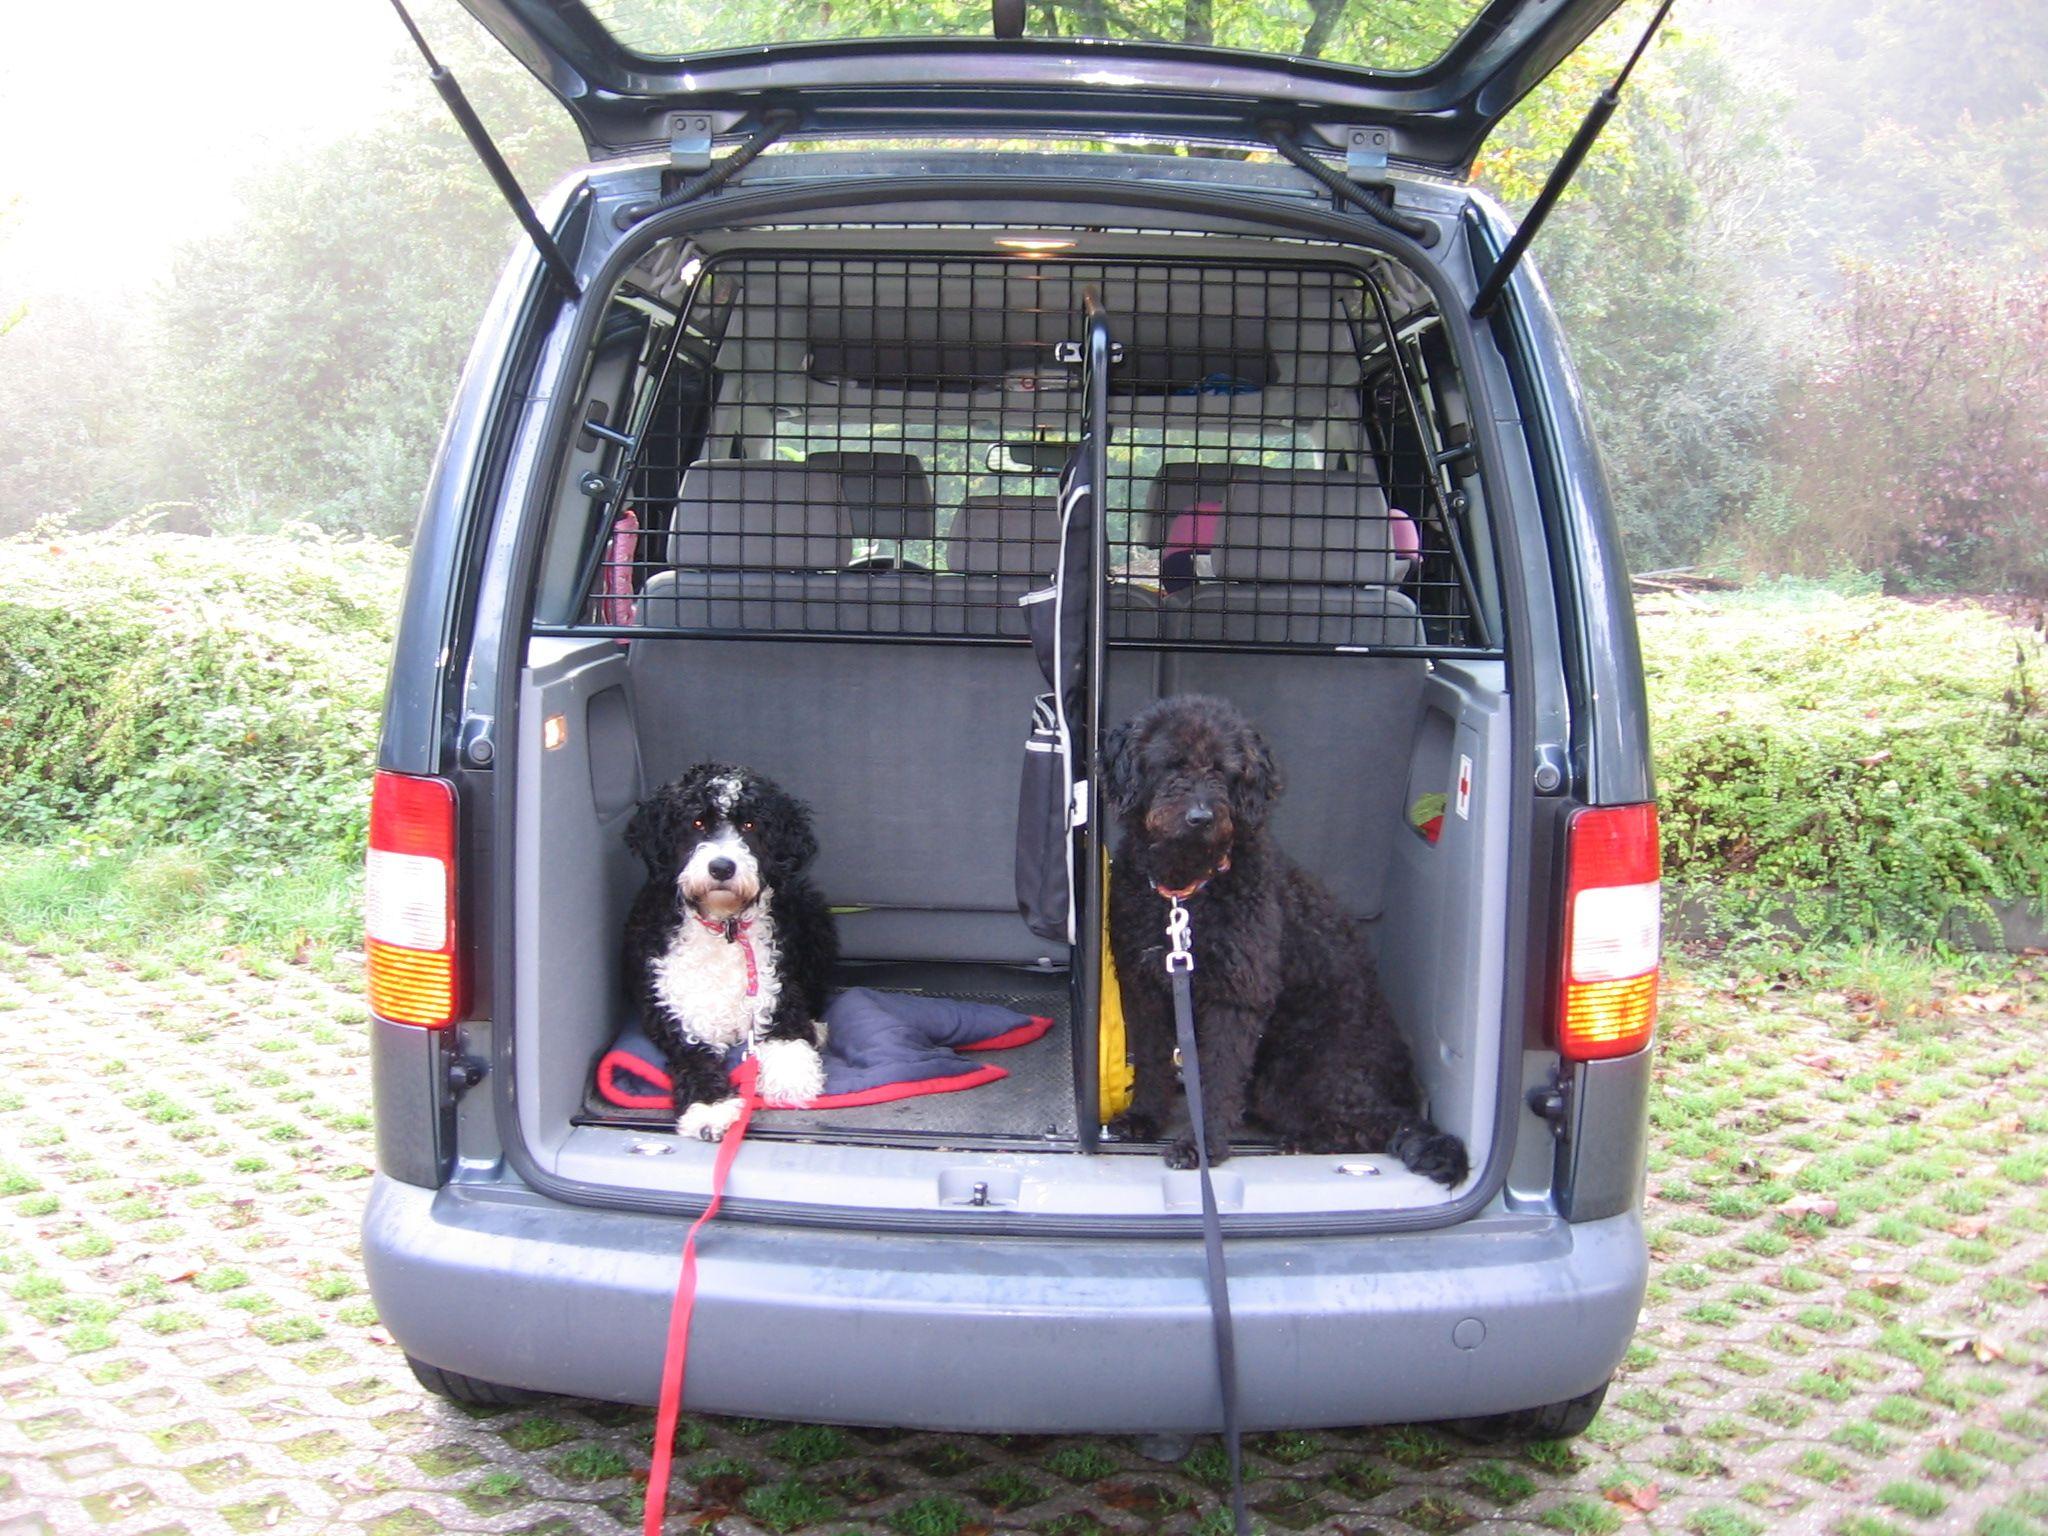 gro er hund und kofferraum zu eng welche hundebox f r. Black Bedroom Furniture Sets. Home Design Ideas